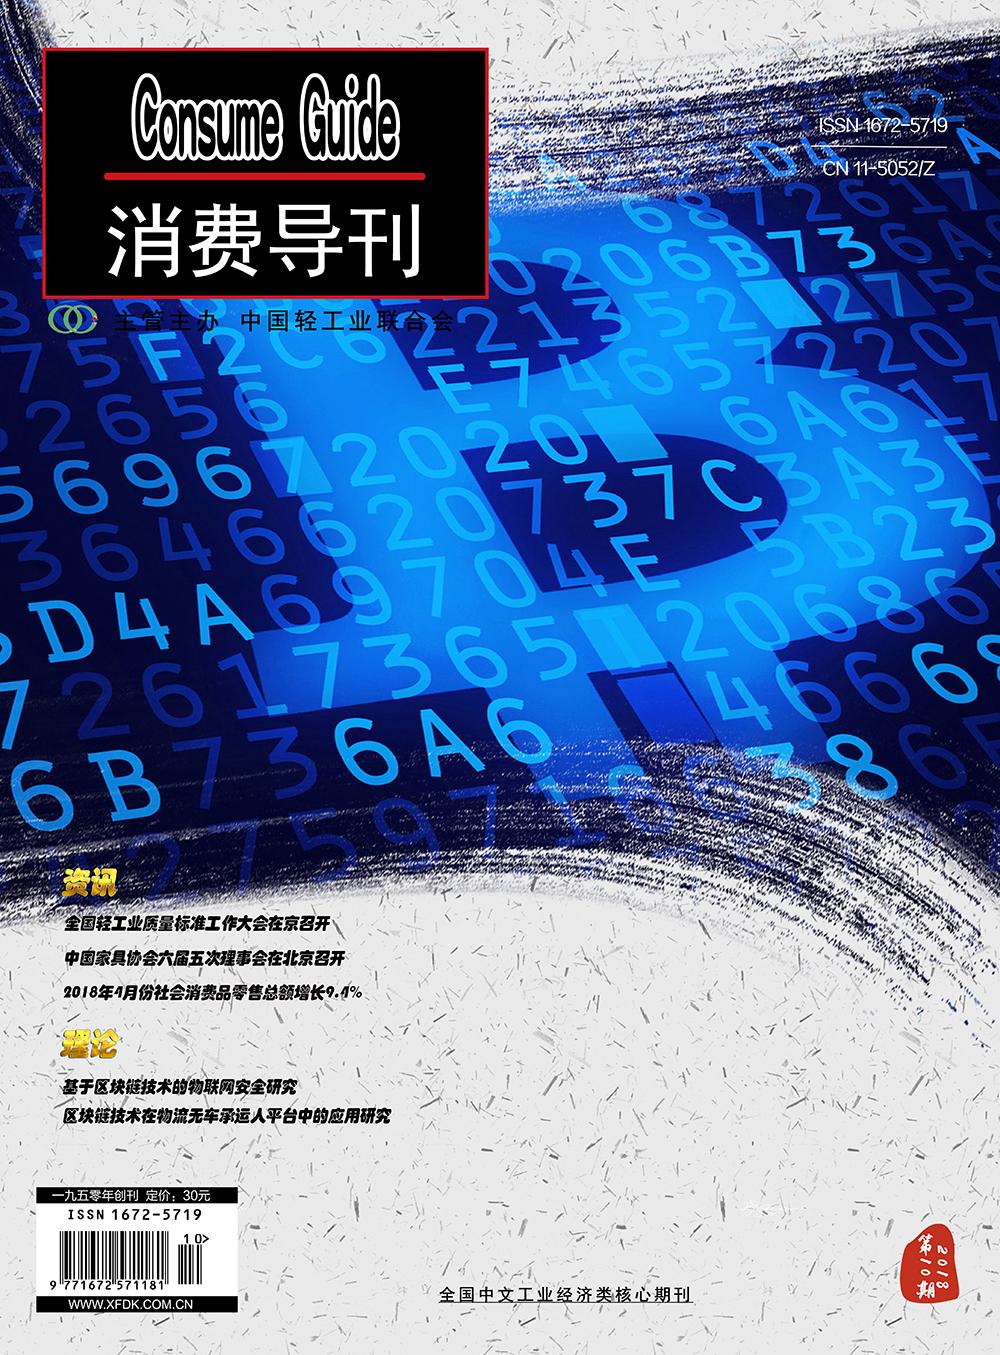 消费导刊2018年第10期